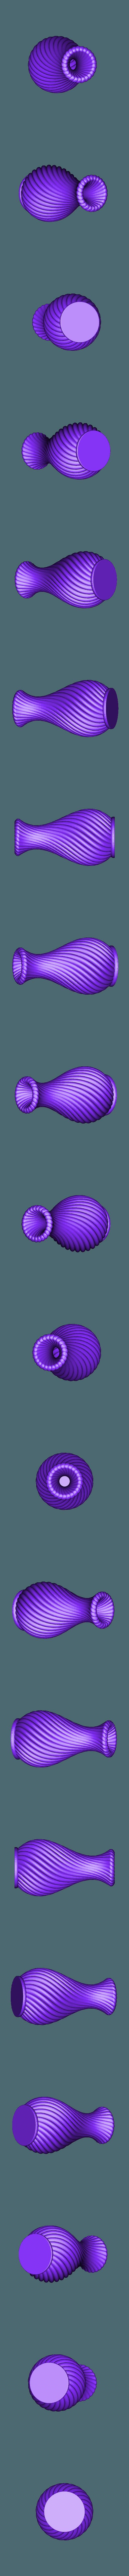 vase_03.STL Télécharger fichier STL gratuit Vase #3 • Design pour imprimante 3D, alexlpr